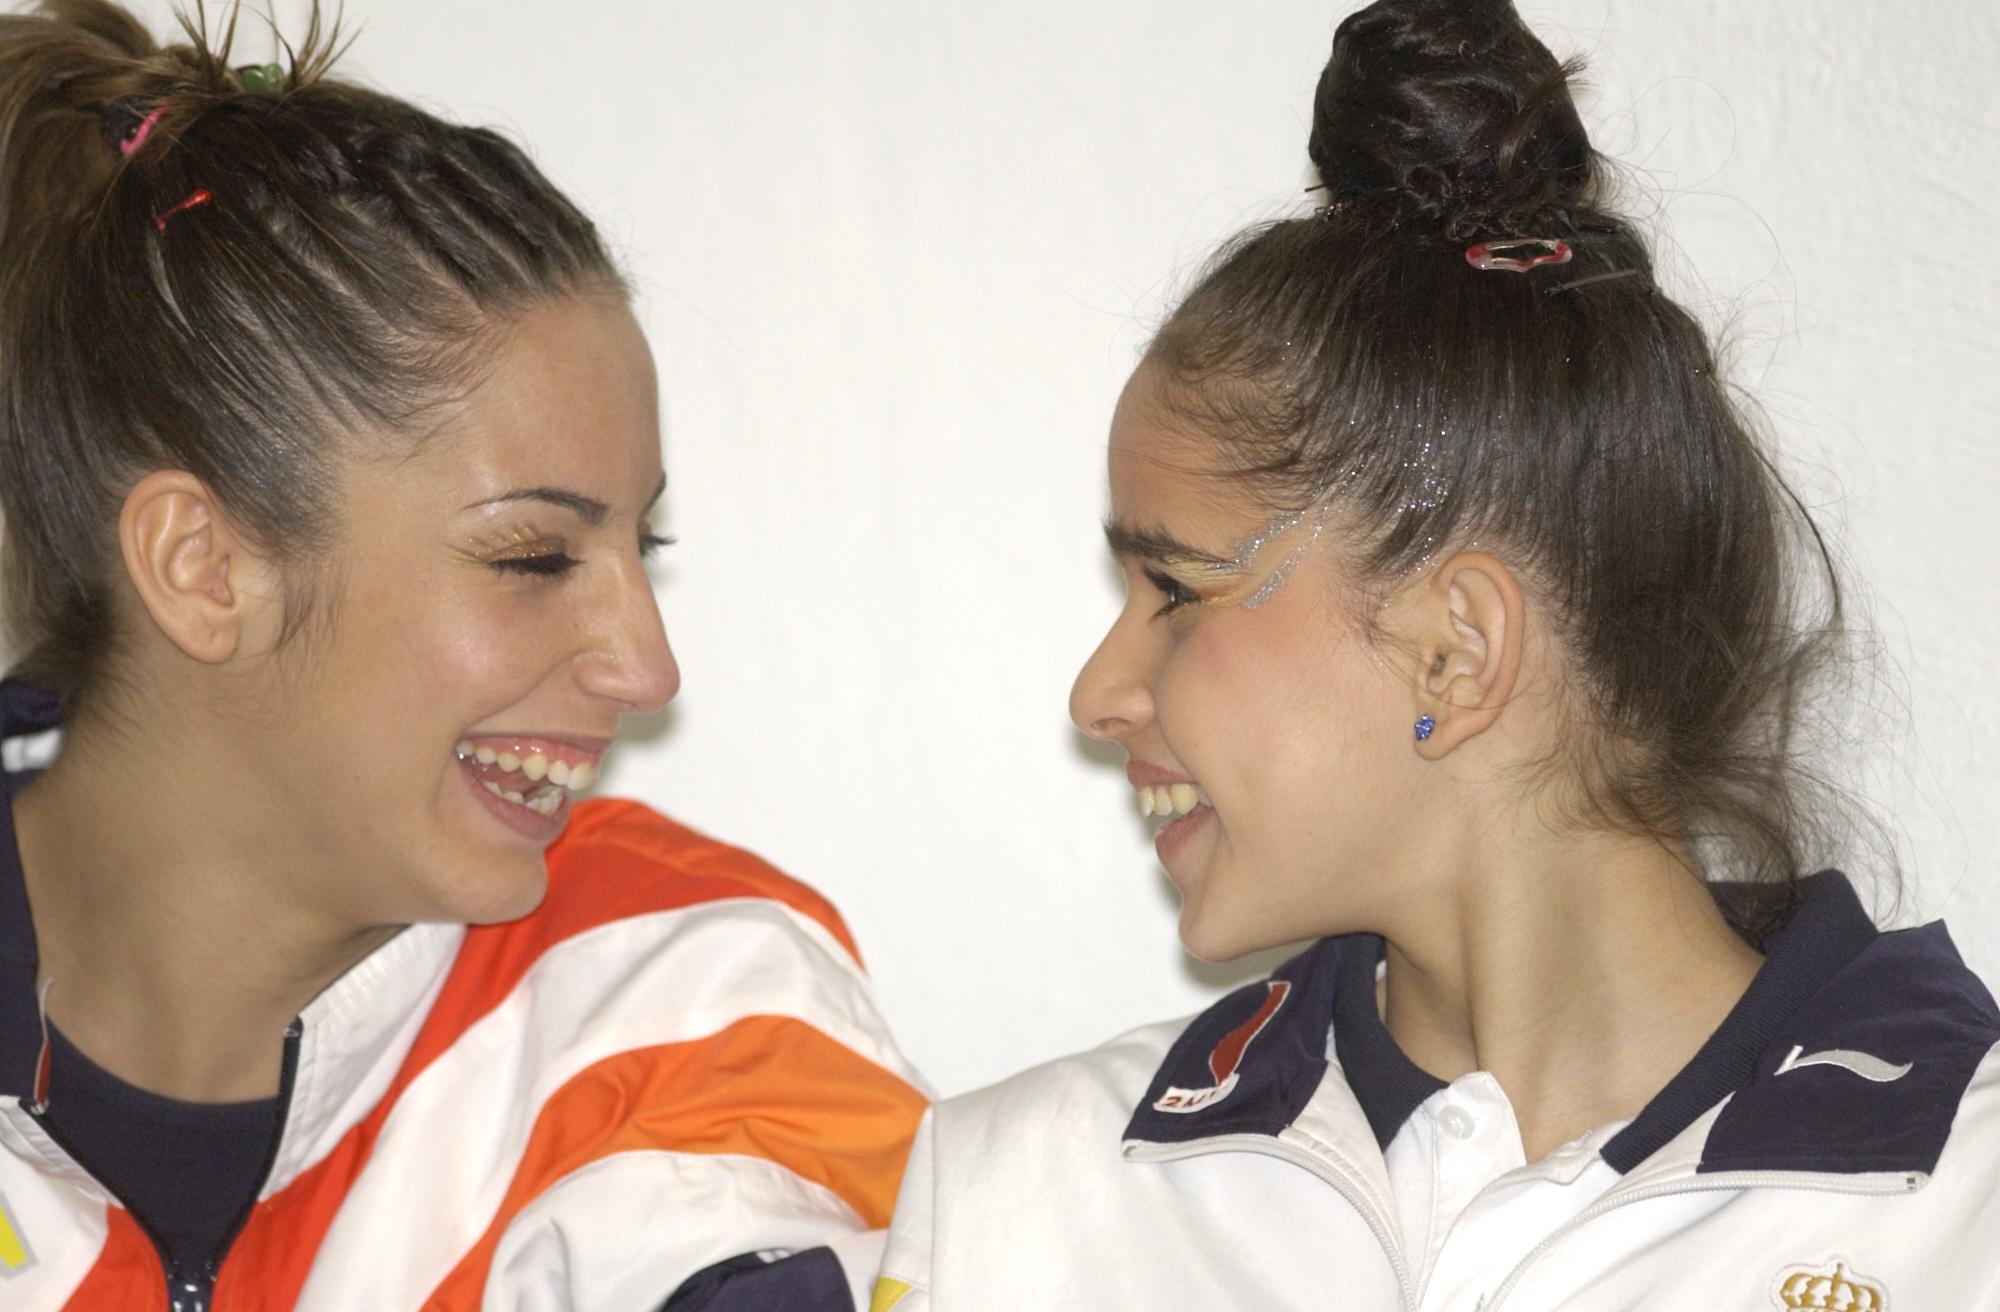 File:Almudena Cid y Jennifer Colino 2002 Granada PNG - Wikimedia Commons